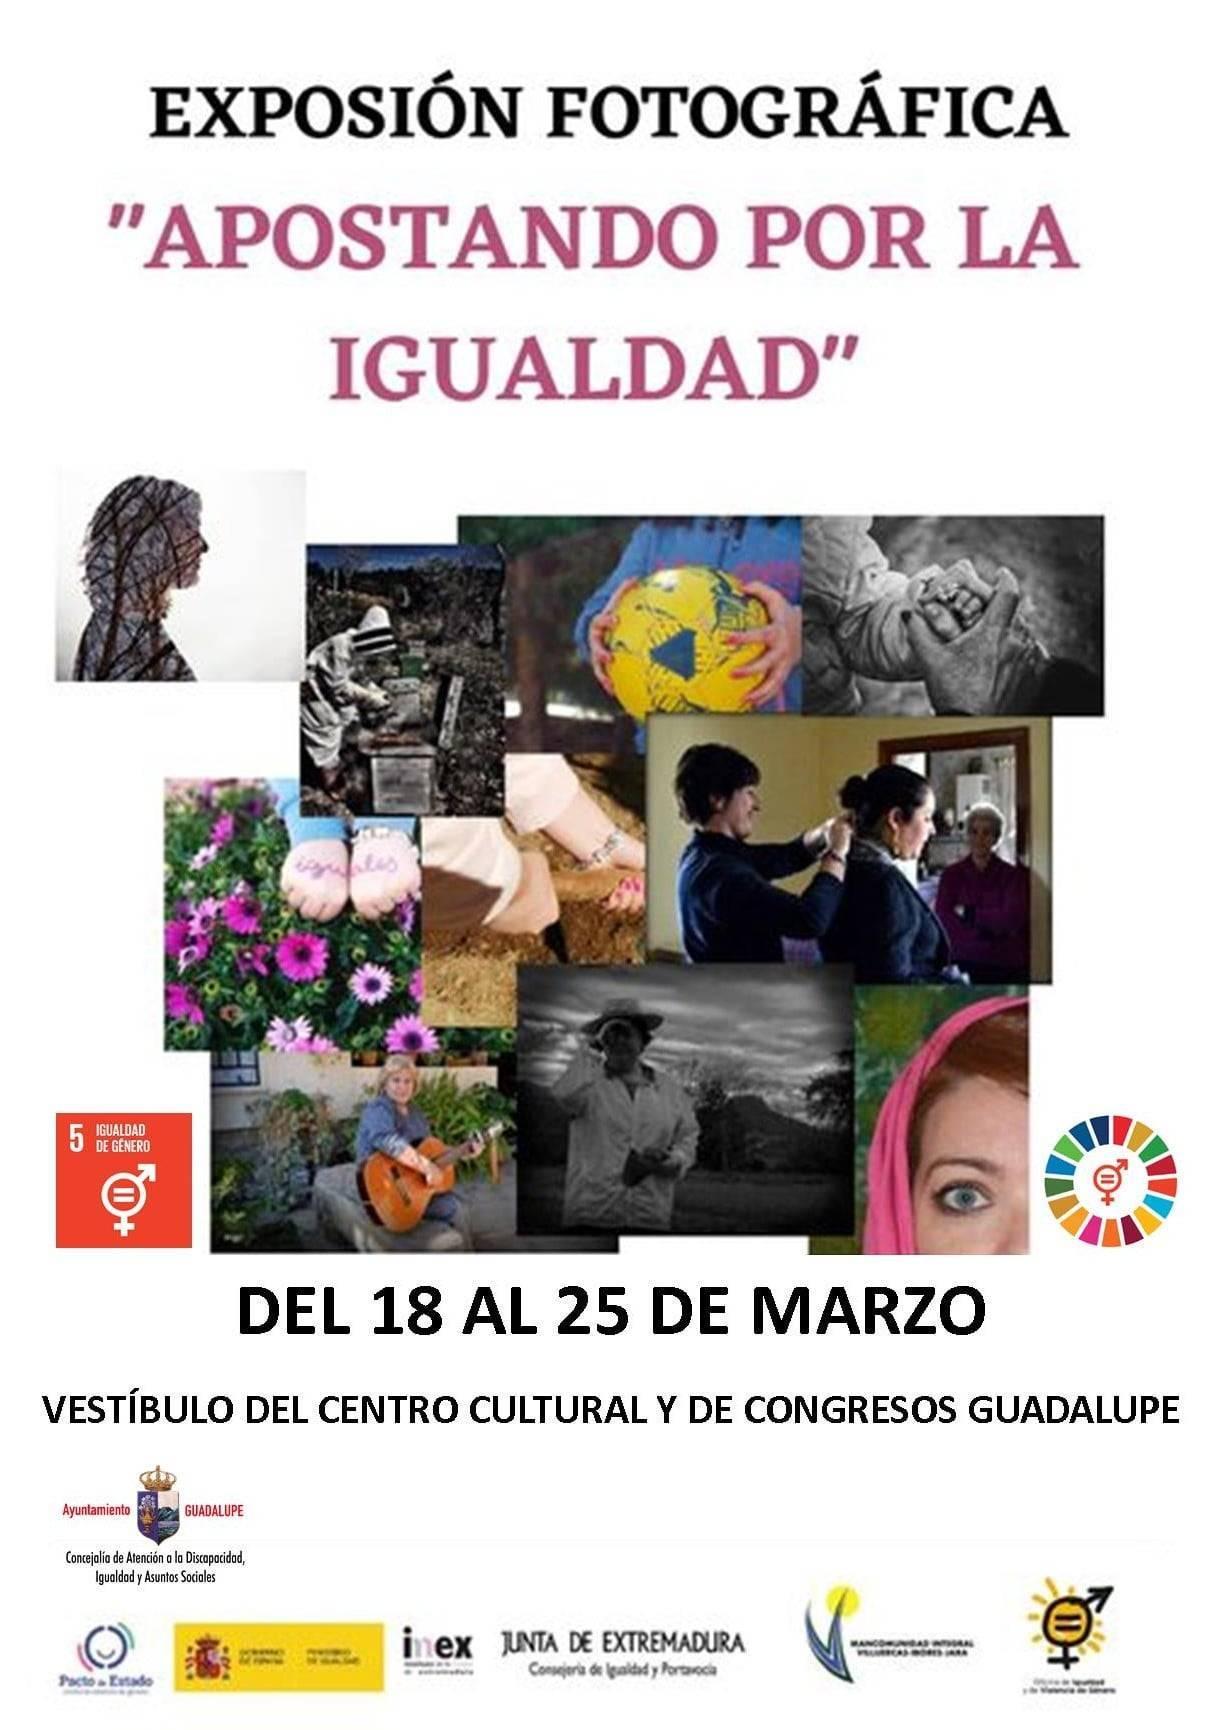 Exposición fotográfica Apostando por la igualdad (2021) - Guadalupe (Cáceres)